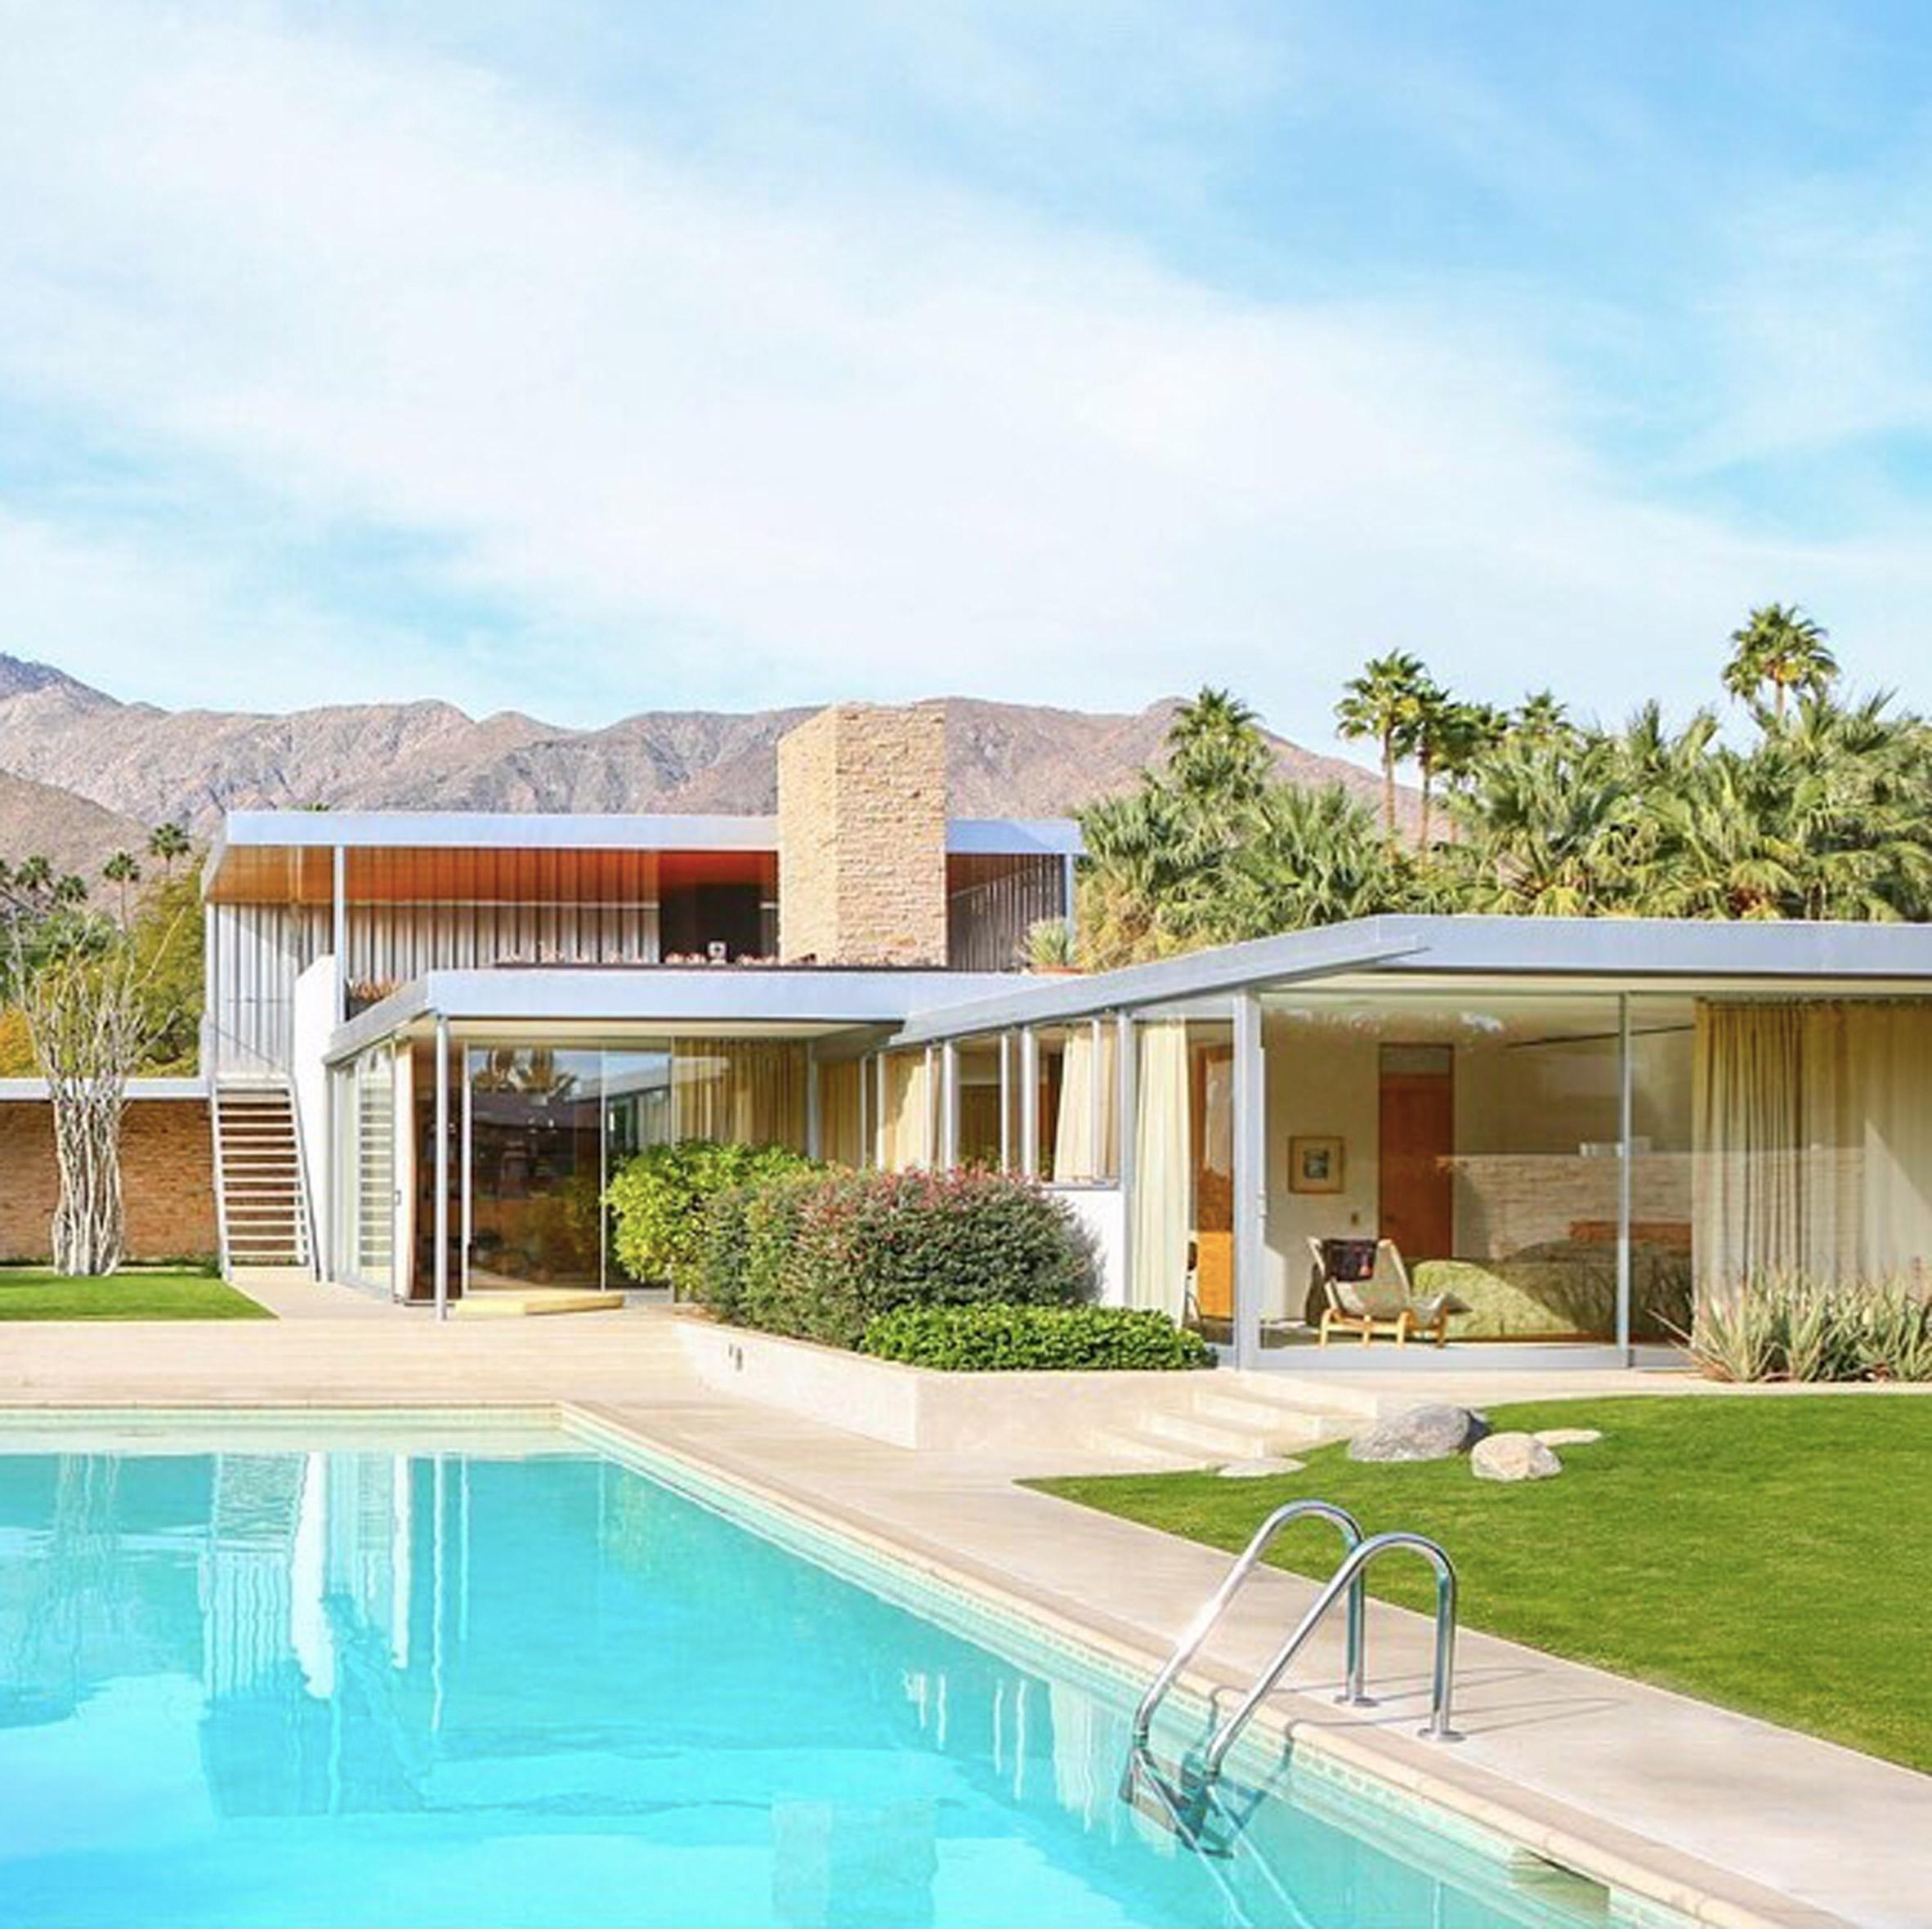 Spotlight On Palm Springs Style Outdoor Areas: Az ötvenes évek Minden Eleganciája átjárja Ezt A Villát